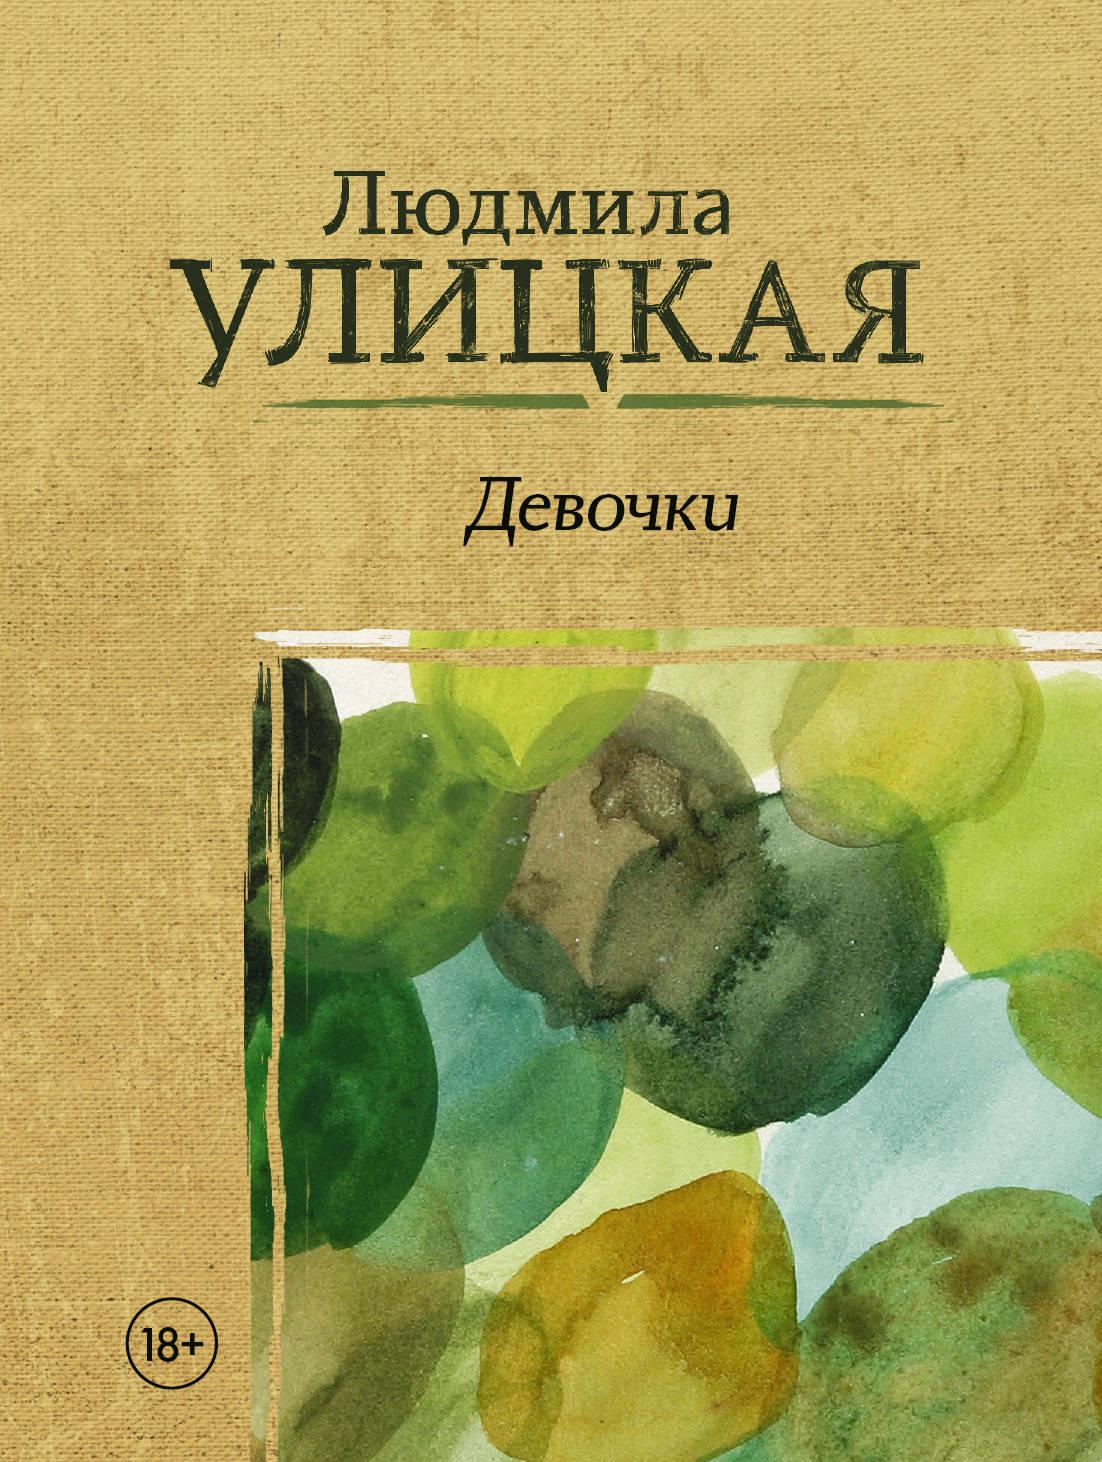 Людмила Улицкая Девочки людмила улицкая литература про меня людмила улицкая